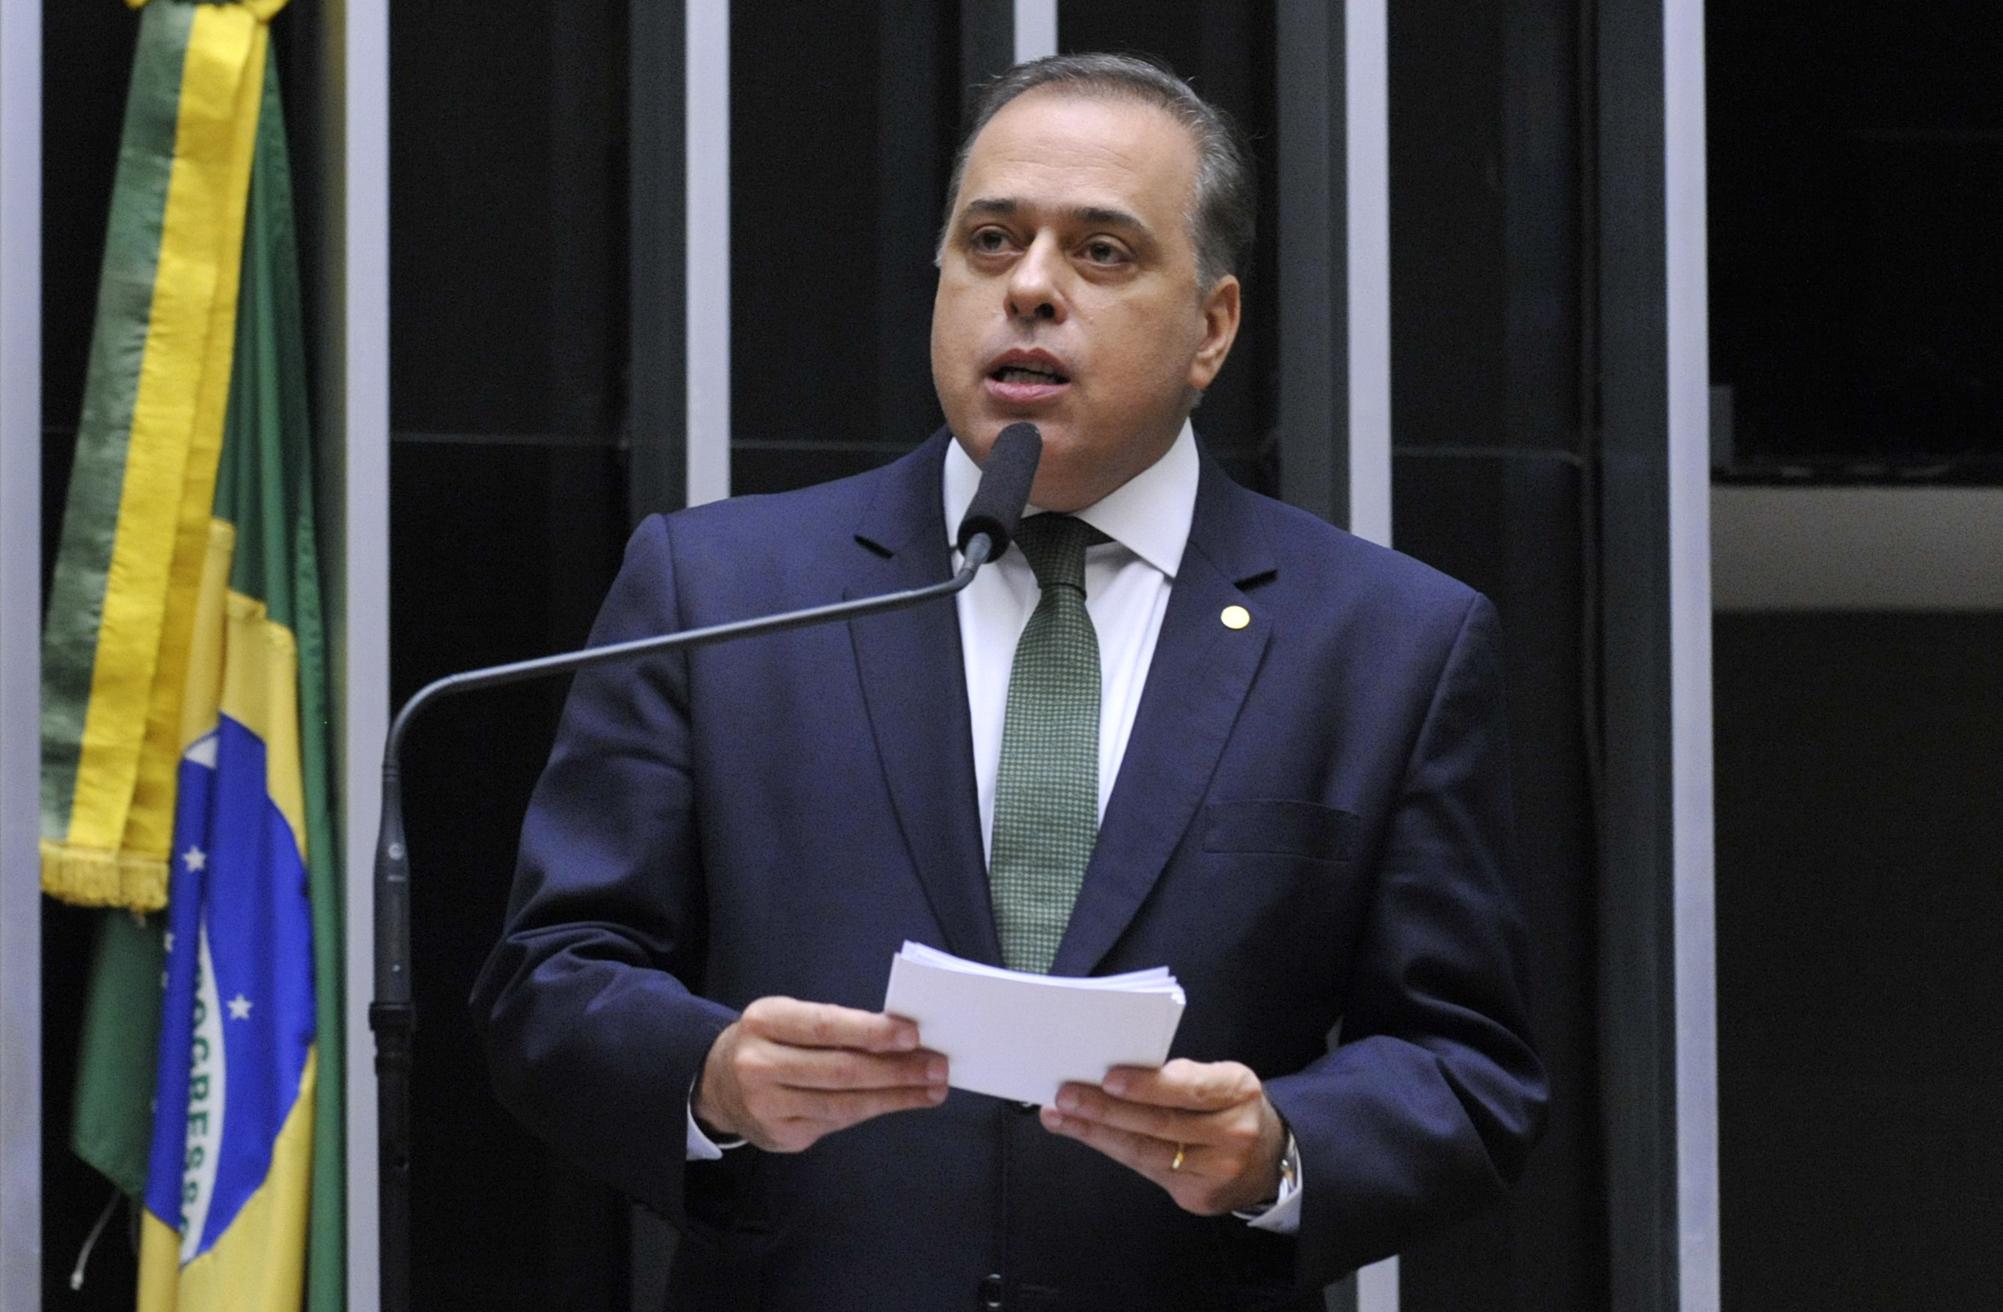 Sessão especial para discussão e votação do parecer do dep. Jovair Arantes (PTB-GO), aprovado em comissão especial, que recomenda a abertura do processo de impeachment da presidente da República - Dep. Paulo Abi-Ackel (PSDB-MG)